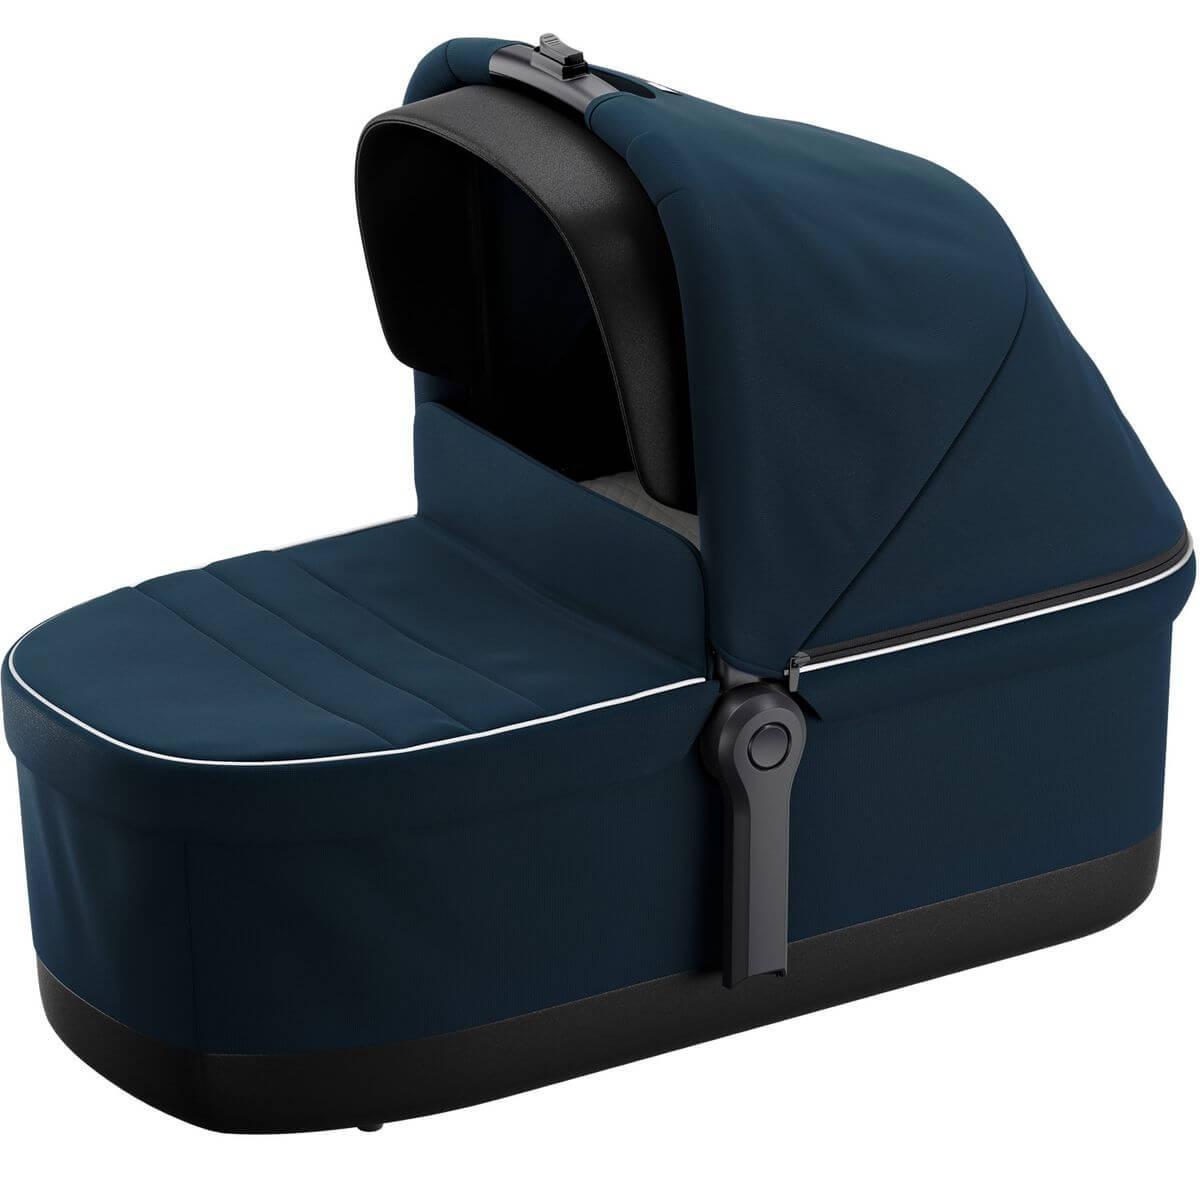 Nacelle bébé SLEEK Thule navy blue